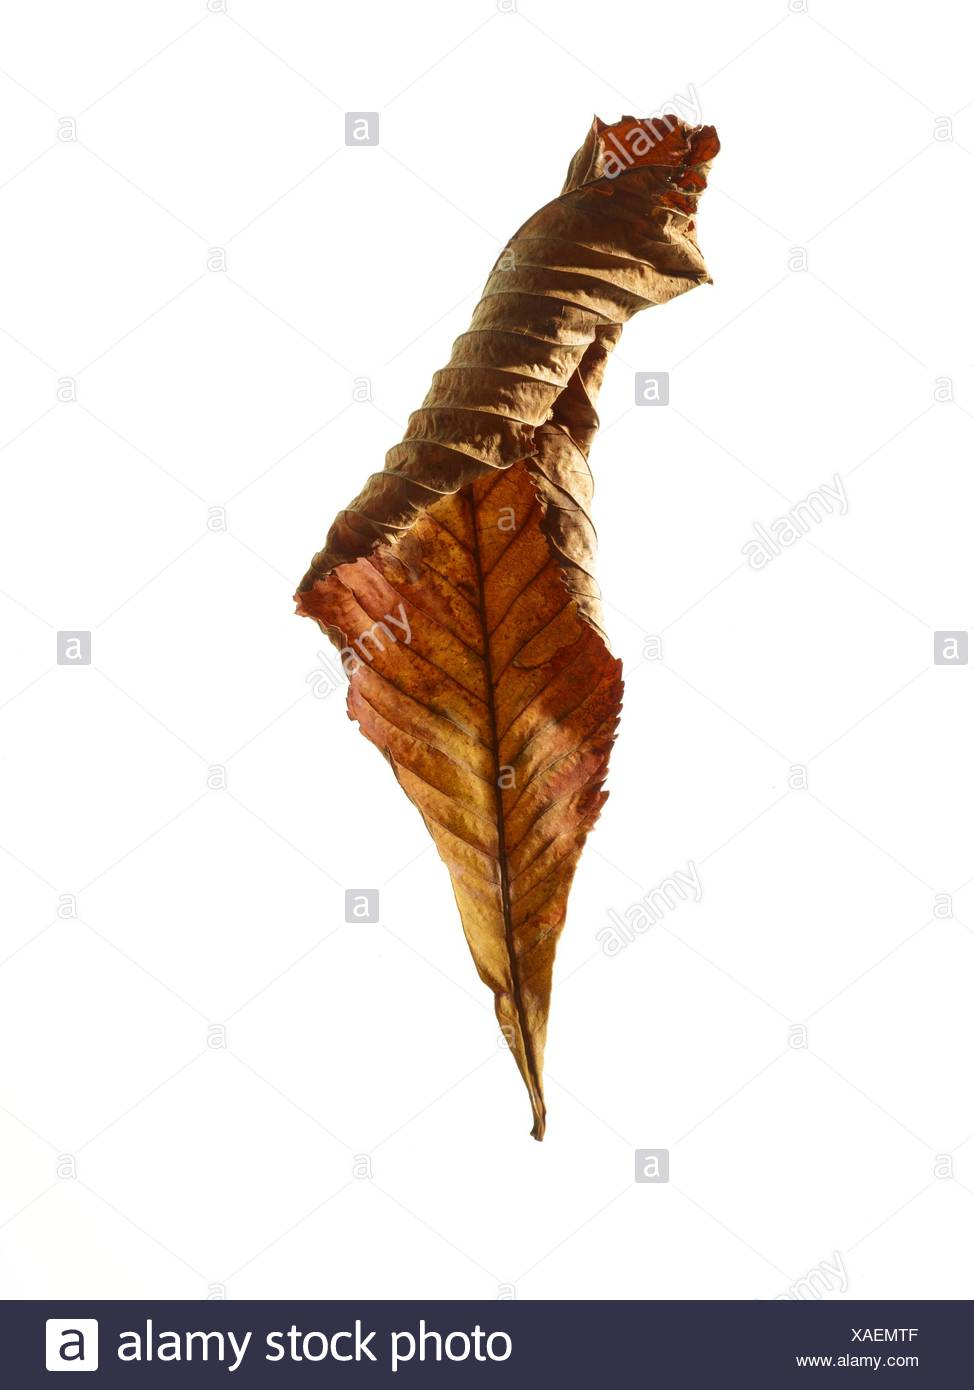 Horse chestnut (Aesculus hippocastanum) leaf, studio shot. - Stock Image